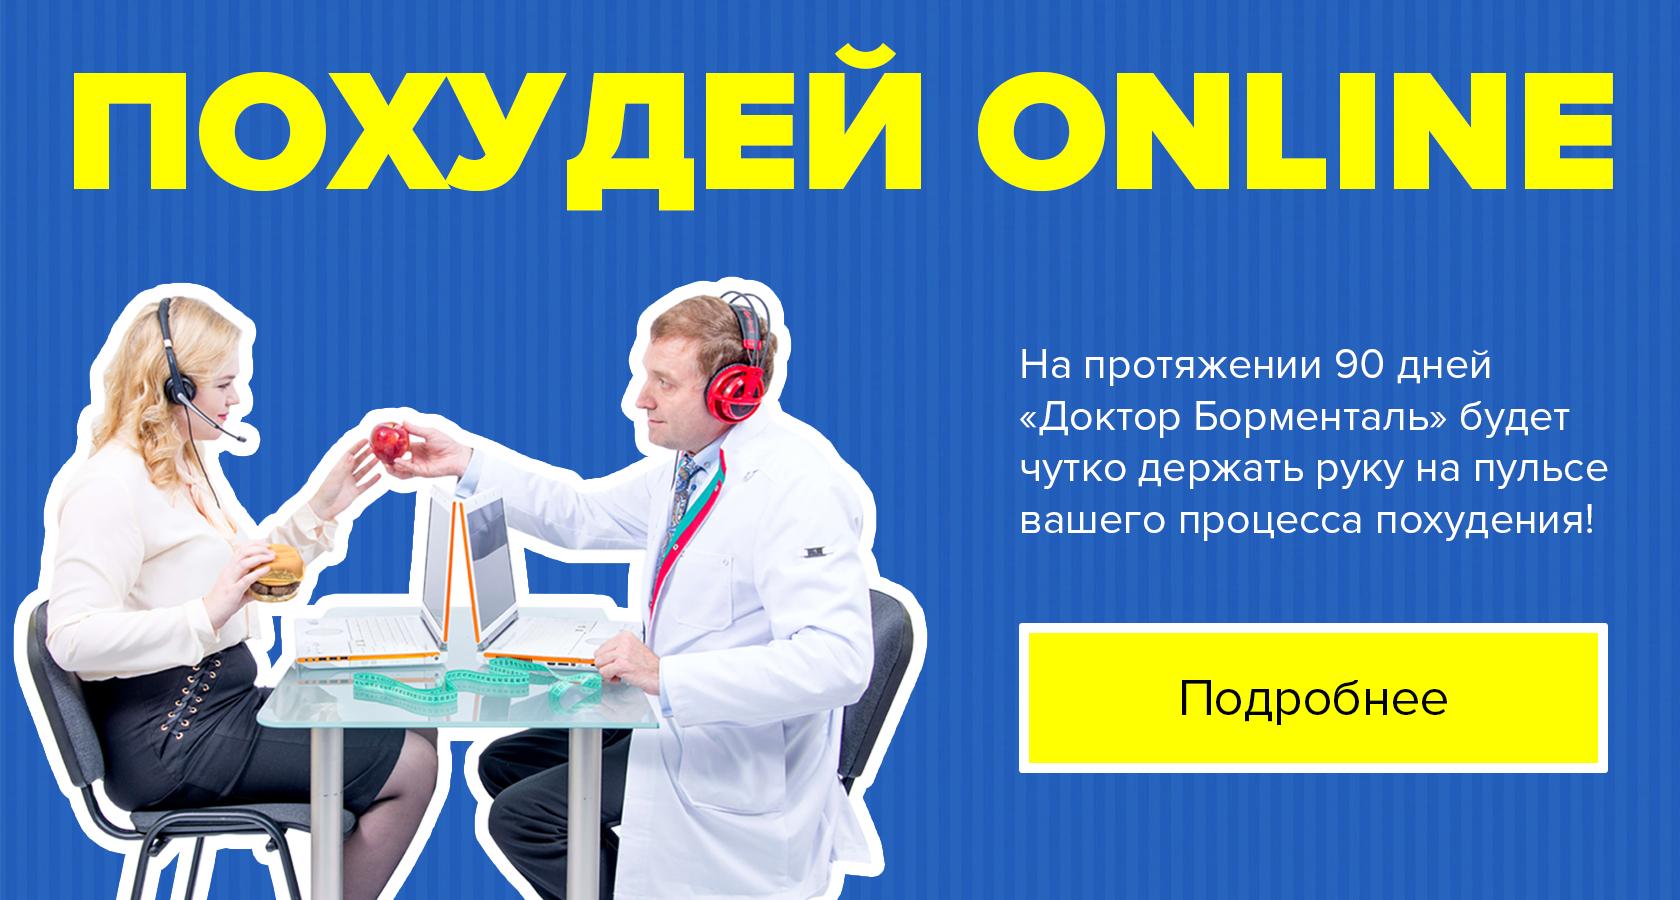 Похудение По Доктору Борменталя.